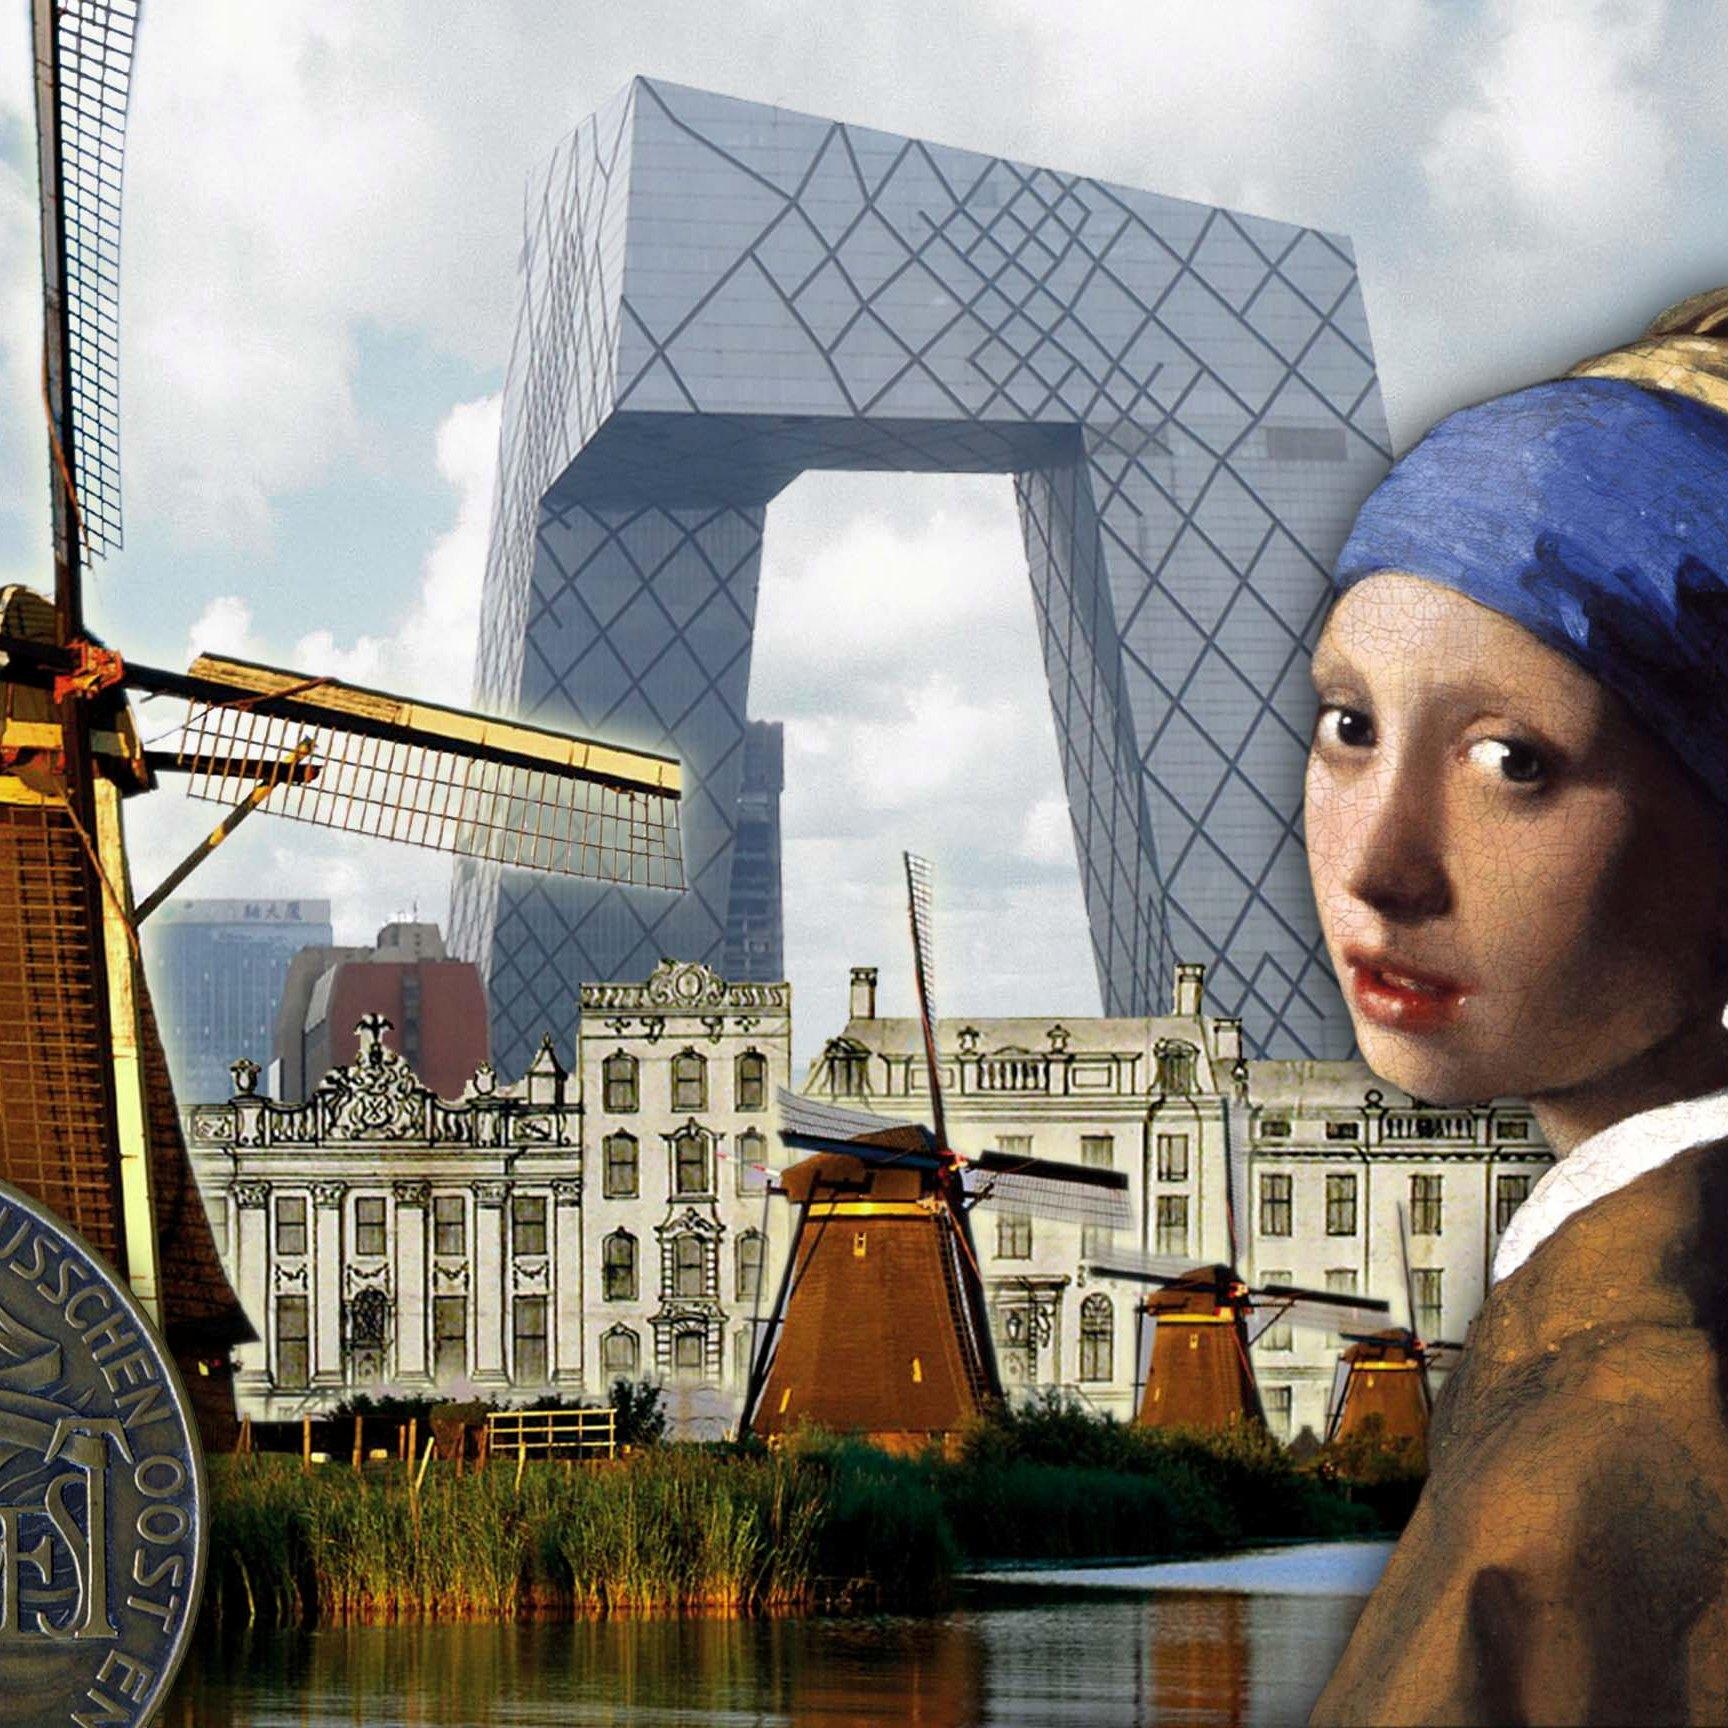 Gryps Het beeld van Nederland_tcm108-335932